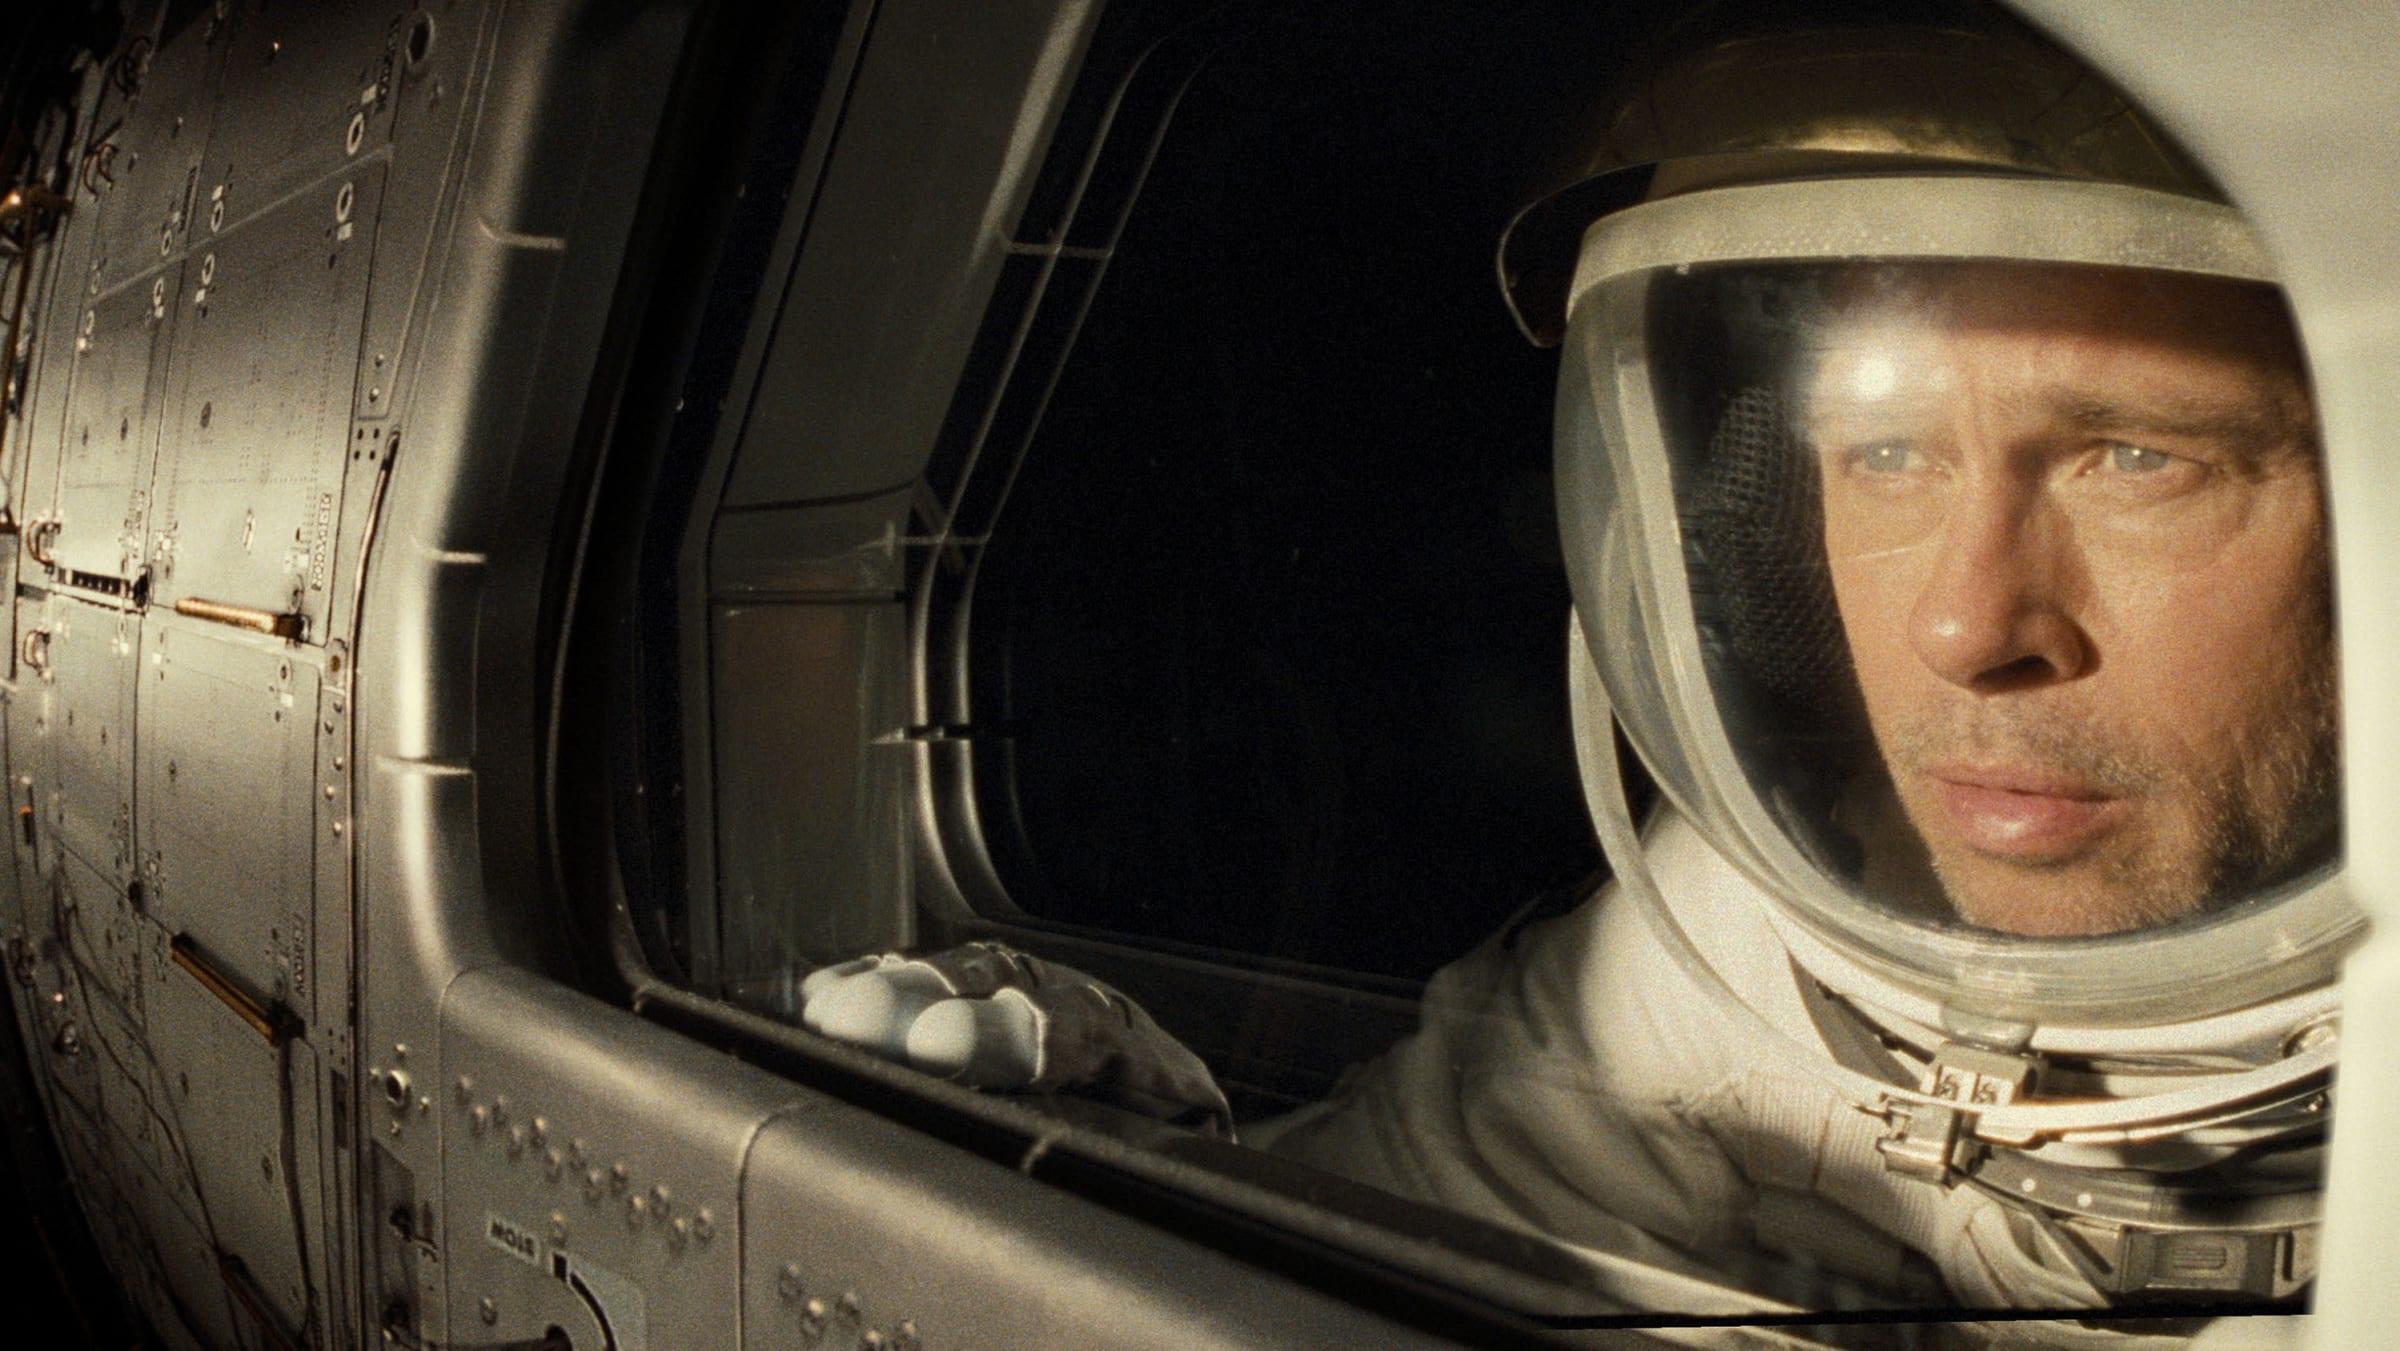 Brad Pitt's 'Ad Astra' Is One Big, Shiny Ad for Lockheed Martin